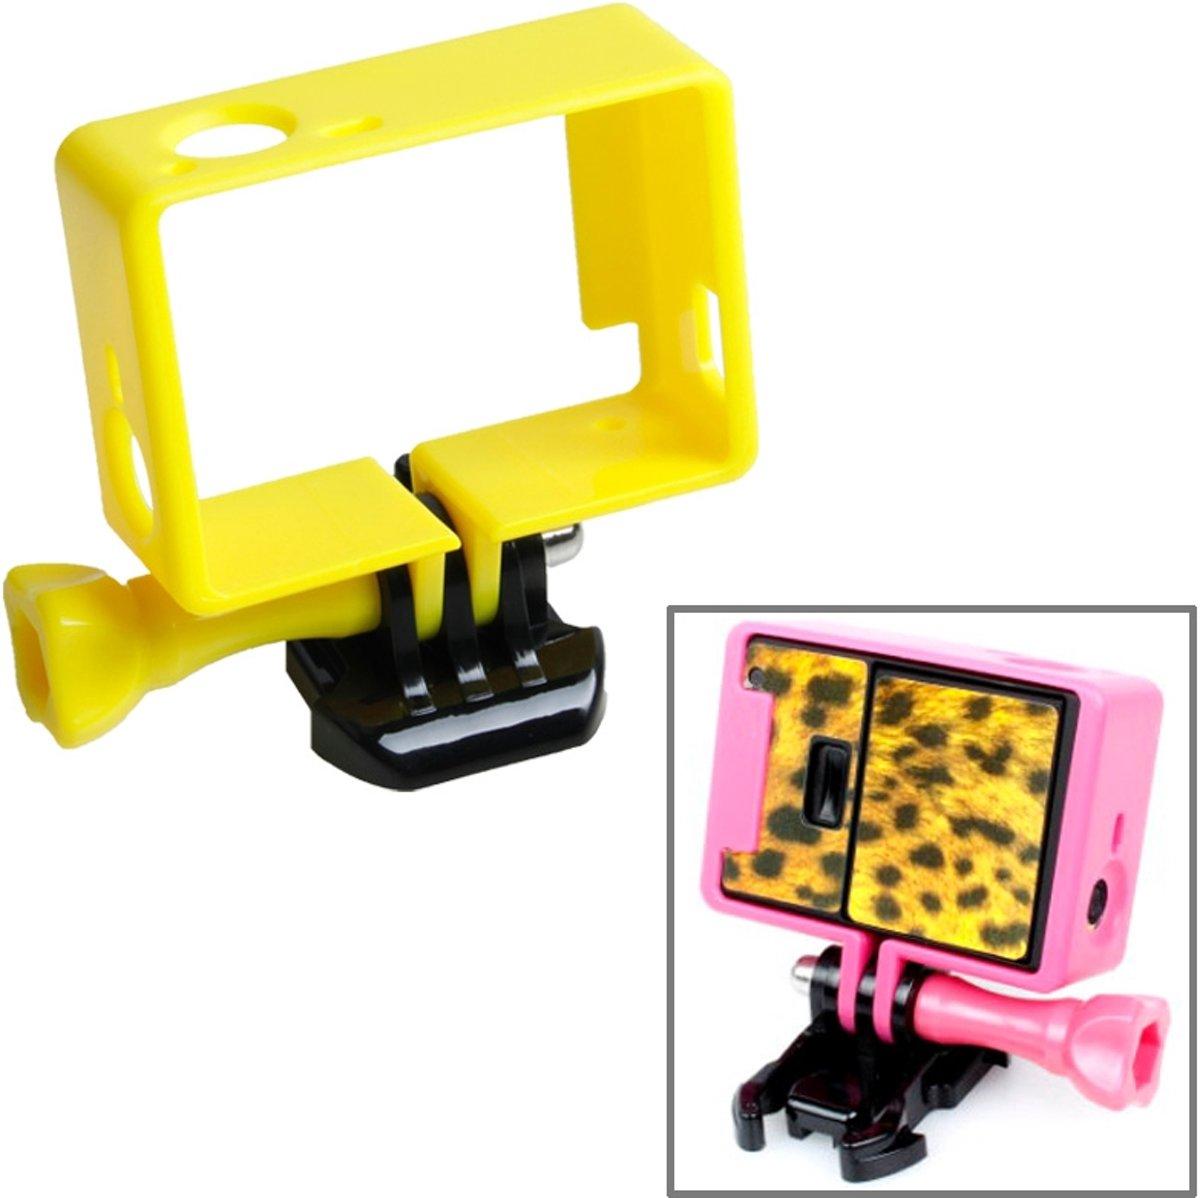 TMC Statiefbehuizing met hoge statiefframe behuizing voor GoPro HERO4 / 3 + / 3, HR191 (geel) kopen